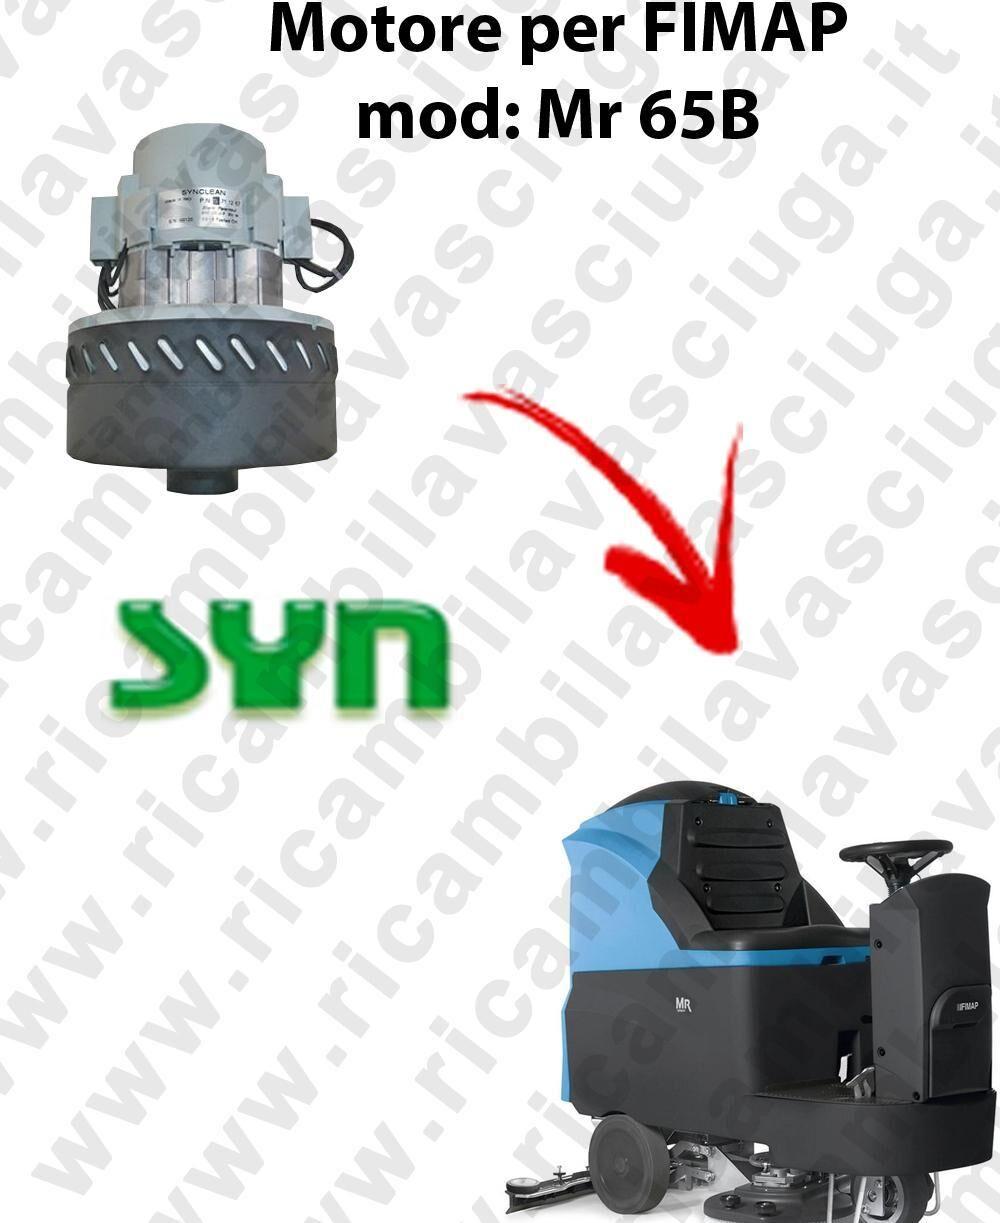 Fimap Mr 65 B Motore aspirazione SYN per lavapavimenti